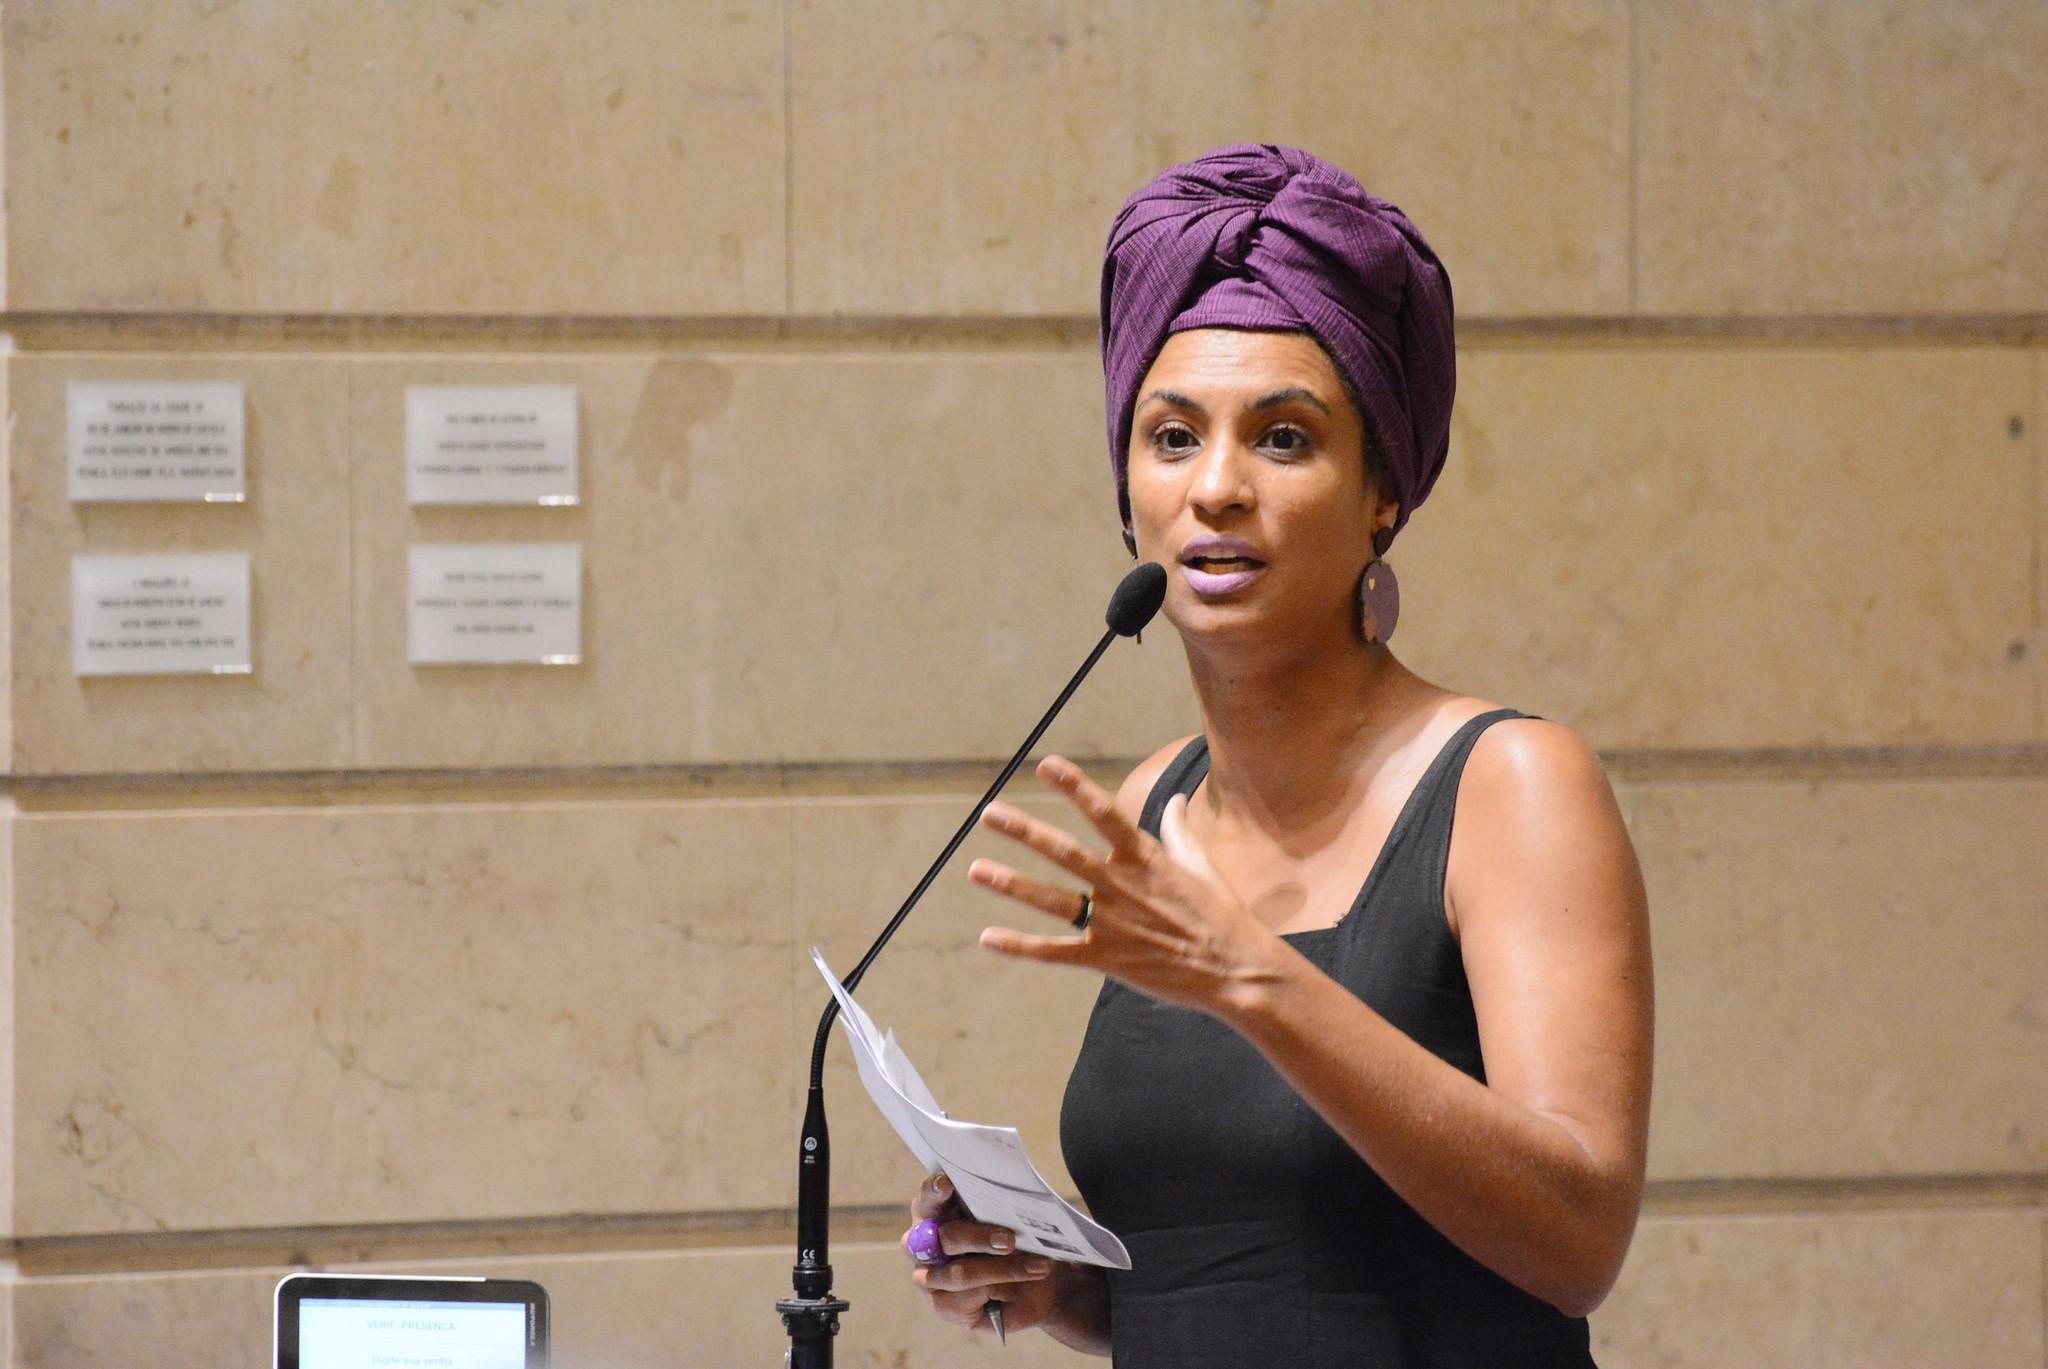 Famosos e intelectuais repercutem morte da vereadora Marielle Franco, no Rio